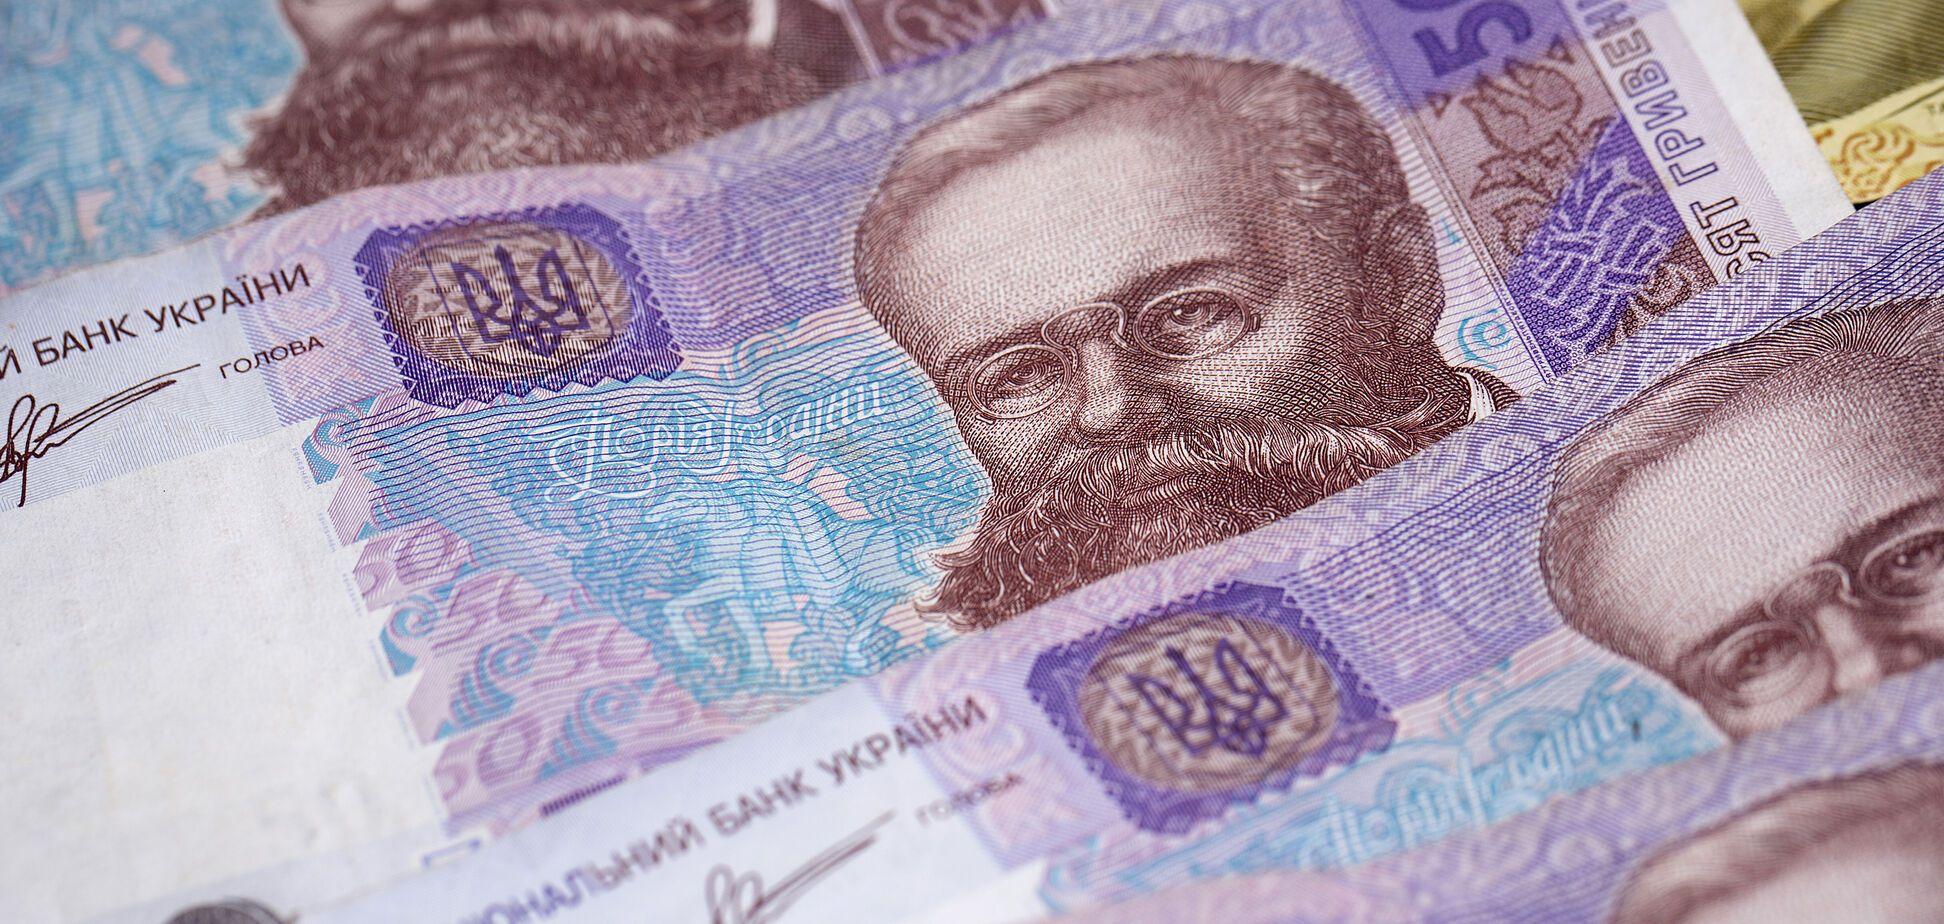 Скільки грошей витрусили з кишень недобросовісних українських роботодавців